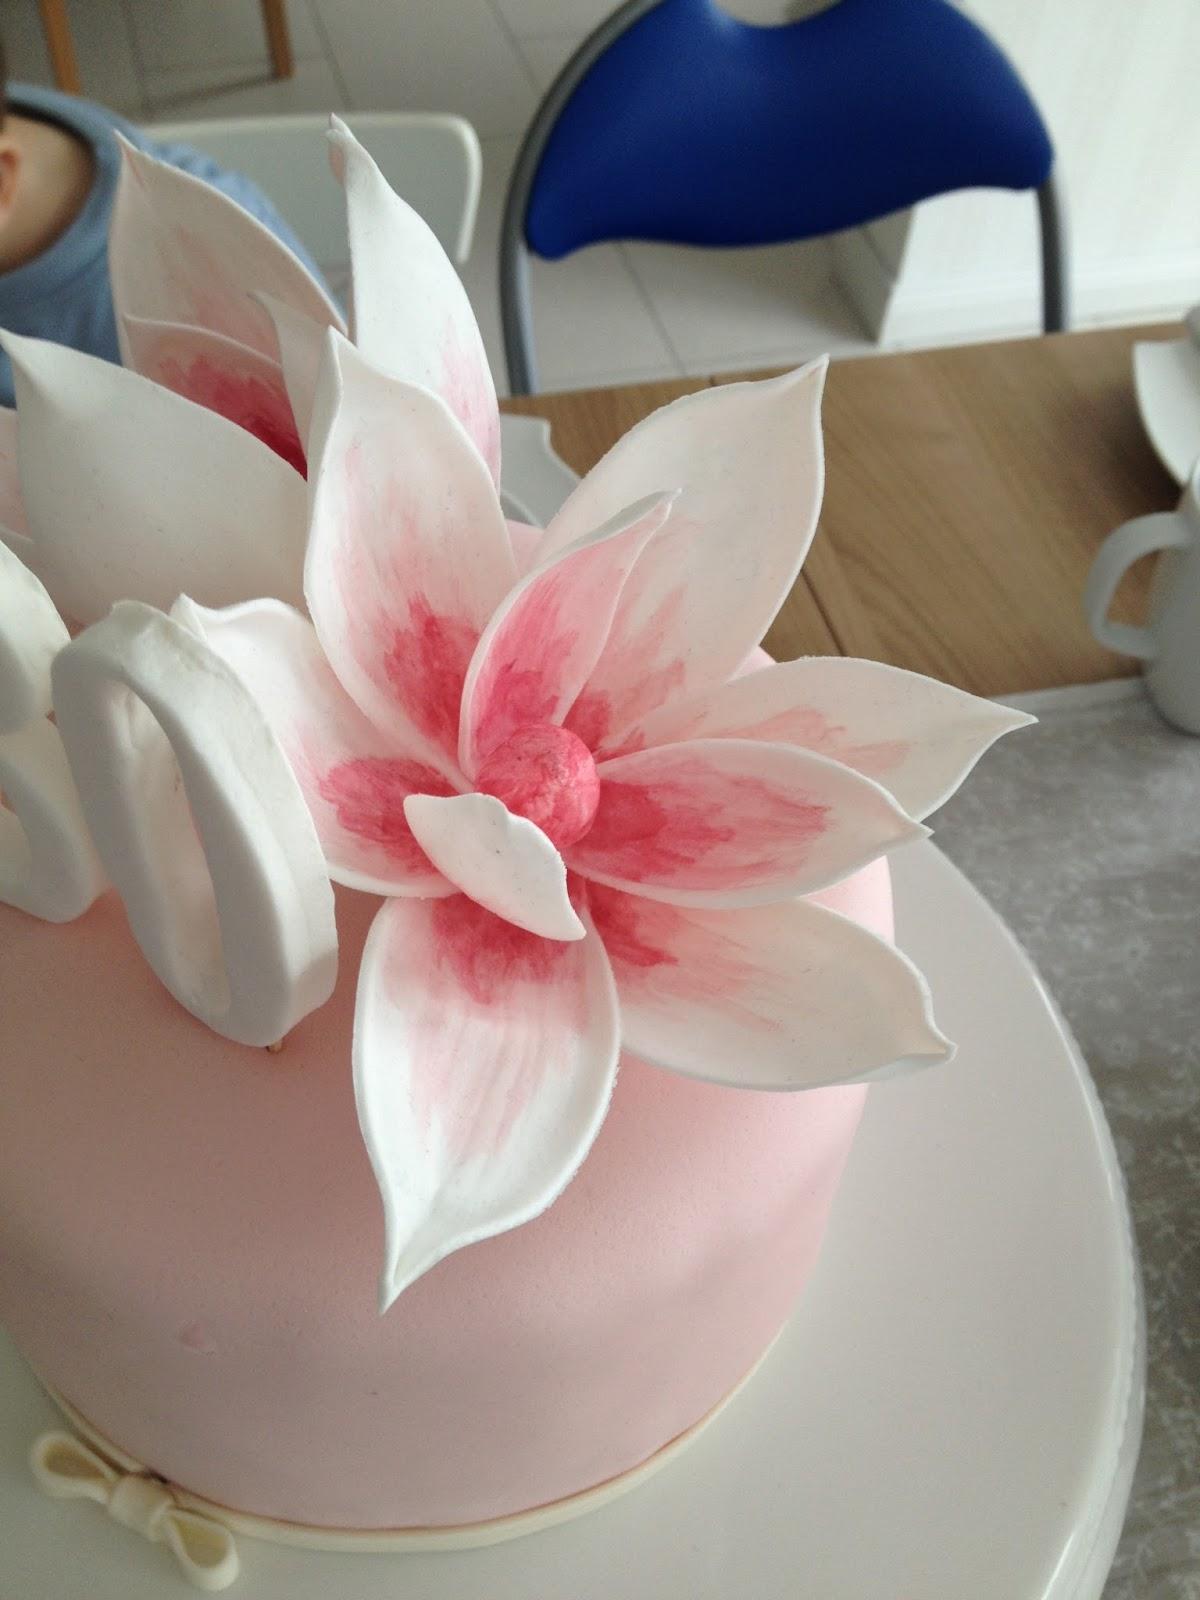 Torte Fur 30 Geburtstag Frau Hylen Maddawards Com